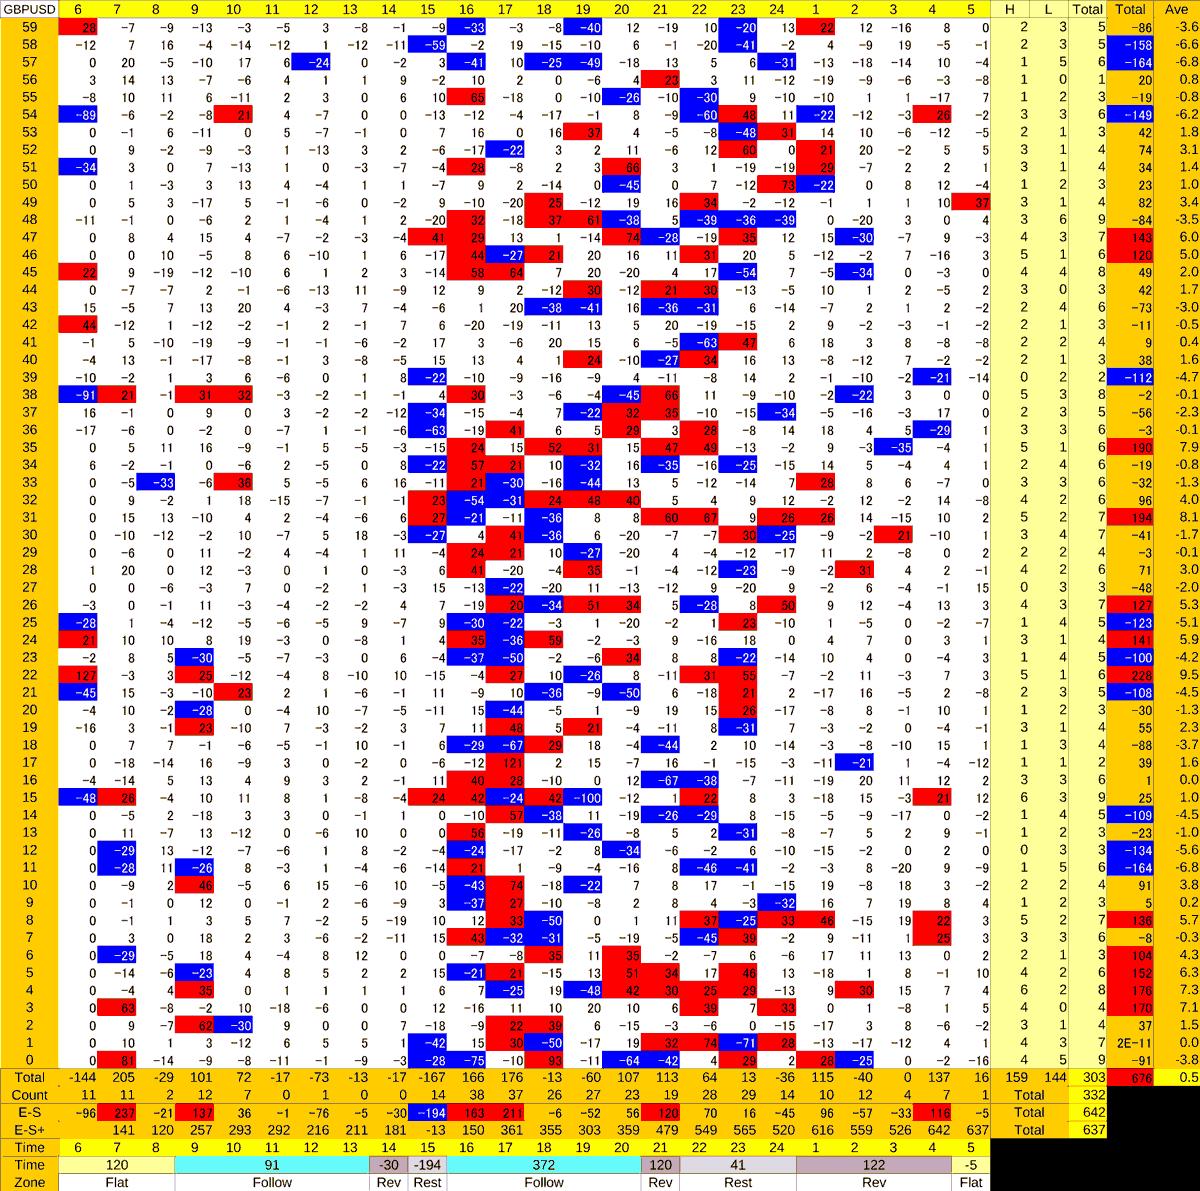 20201005_HS(2)GBPUSD